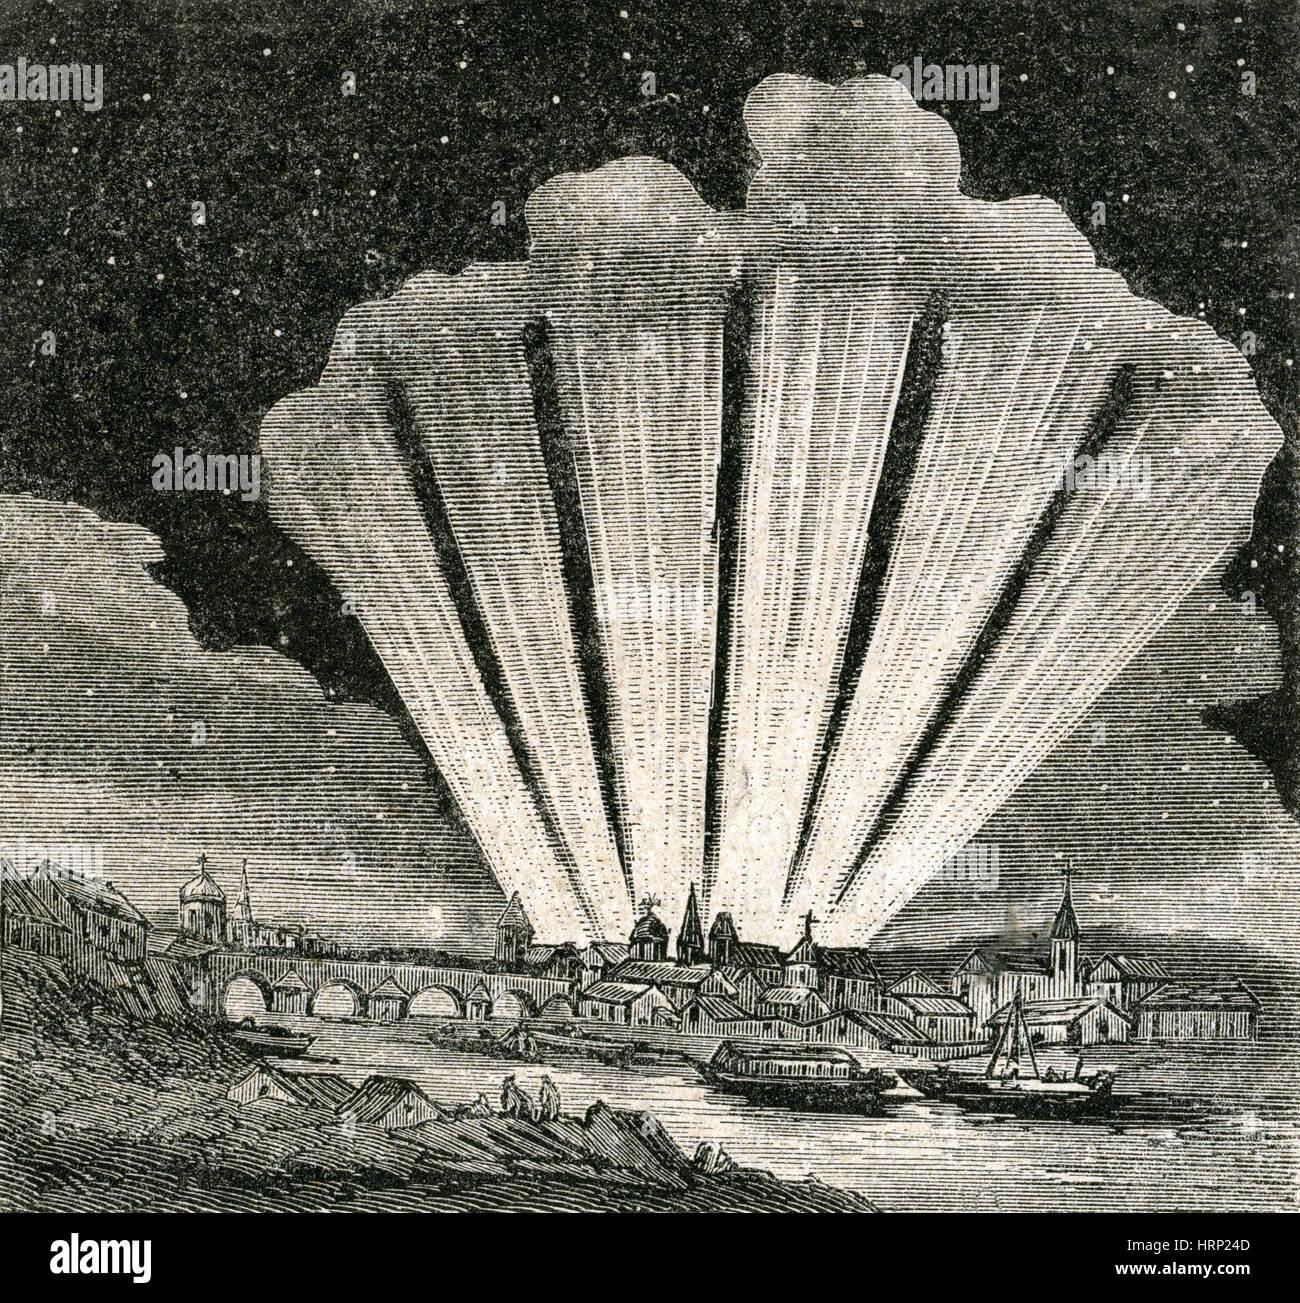 Great Comet of 1744